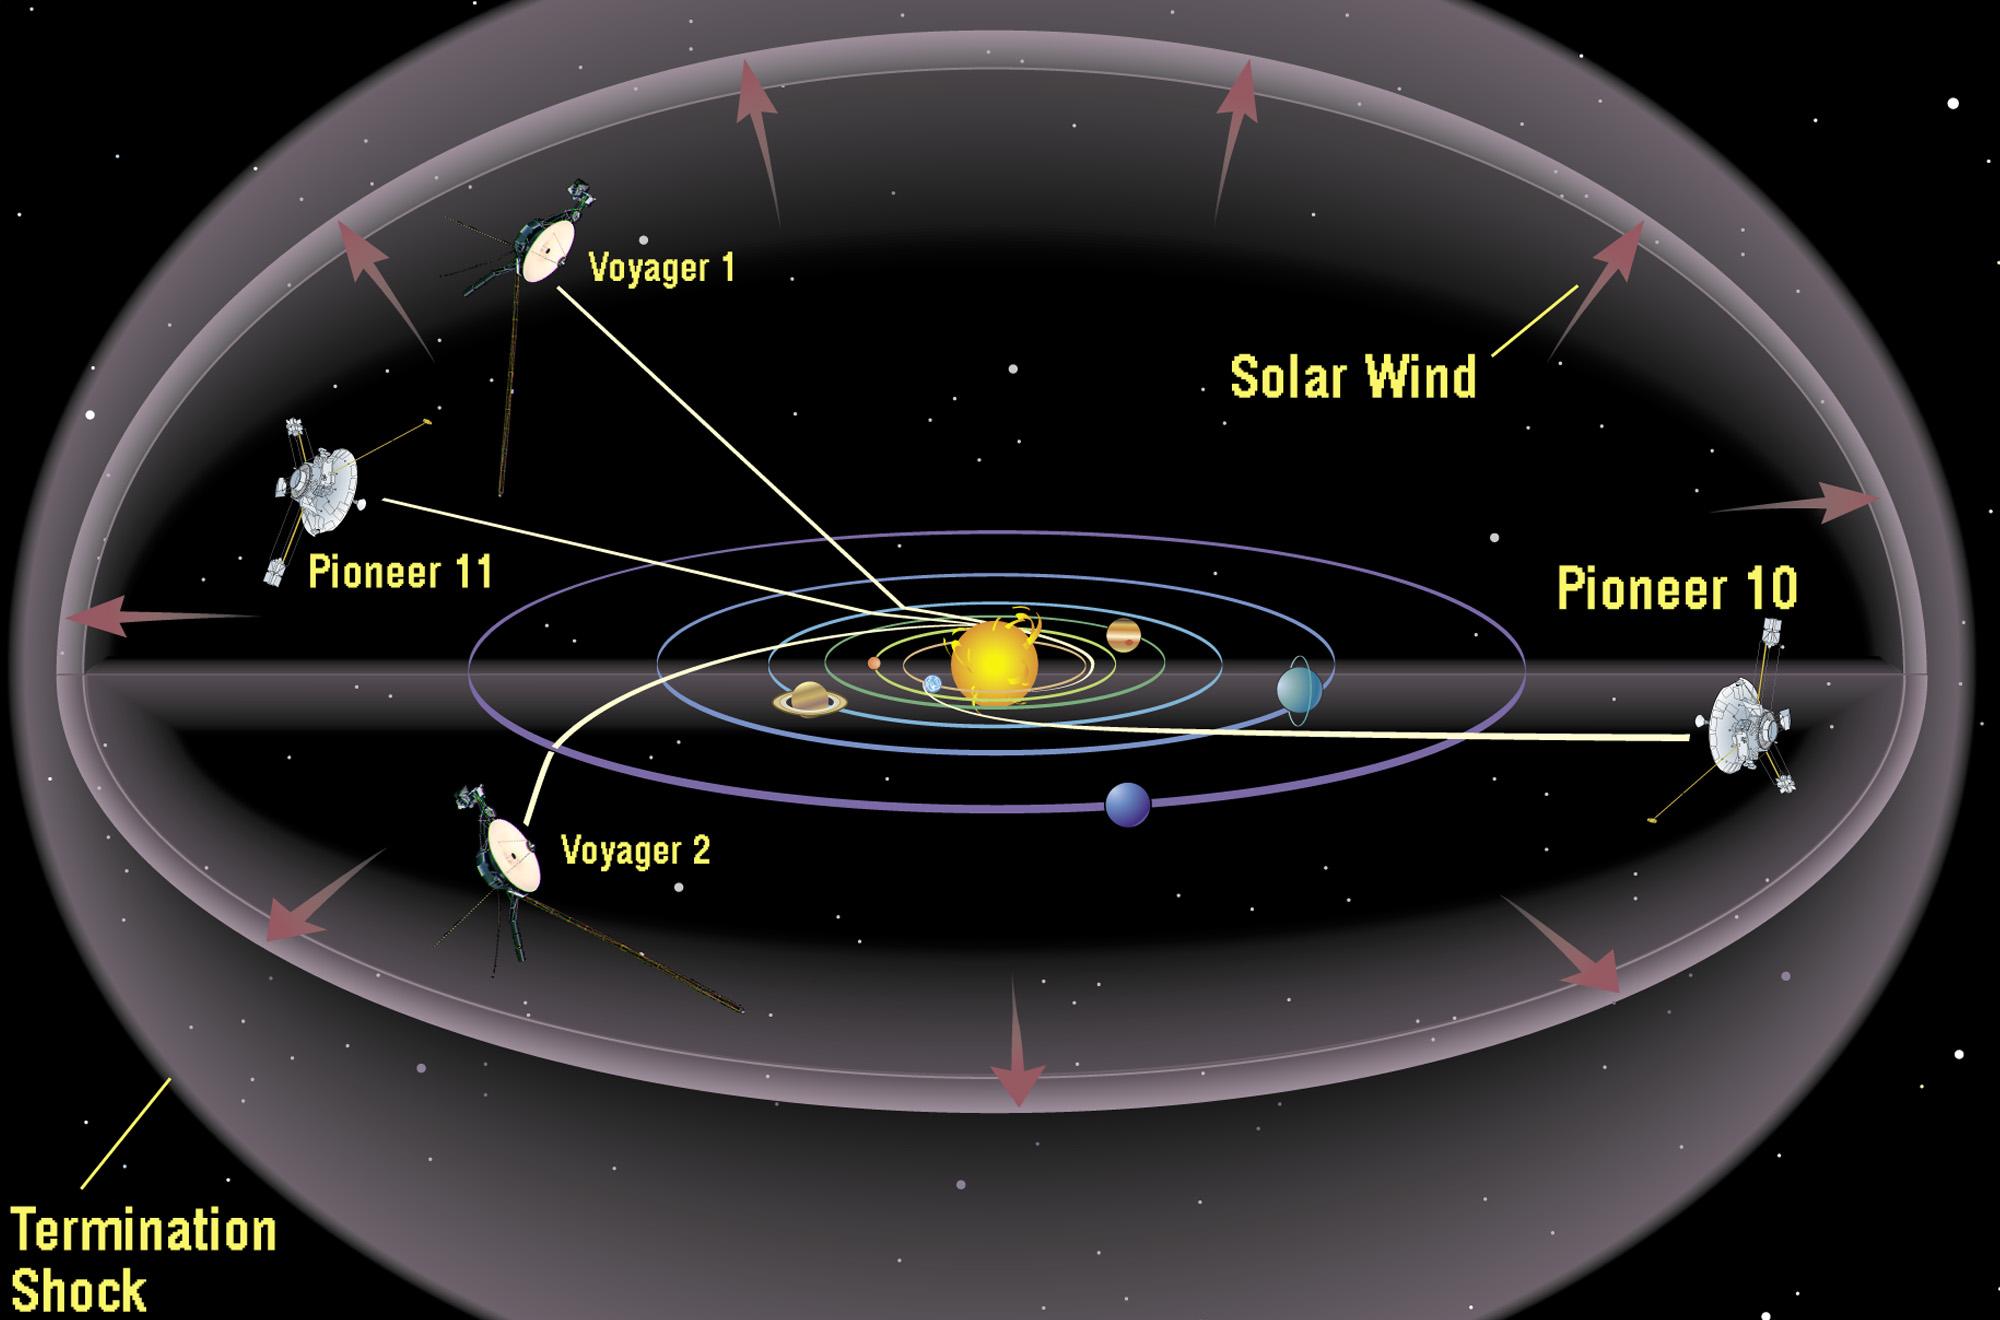 Current interstellar probes